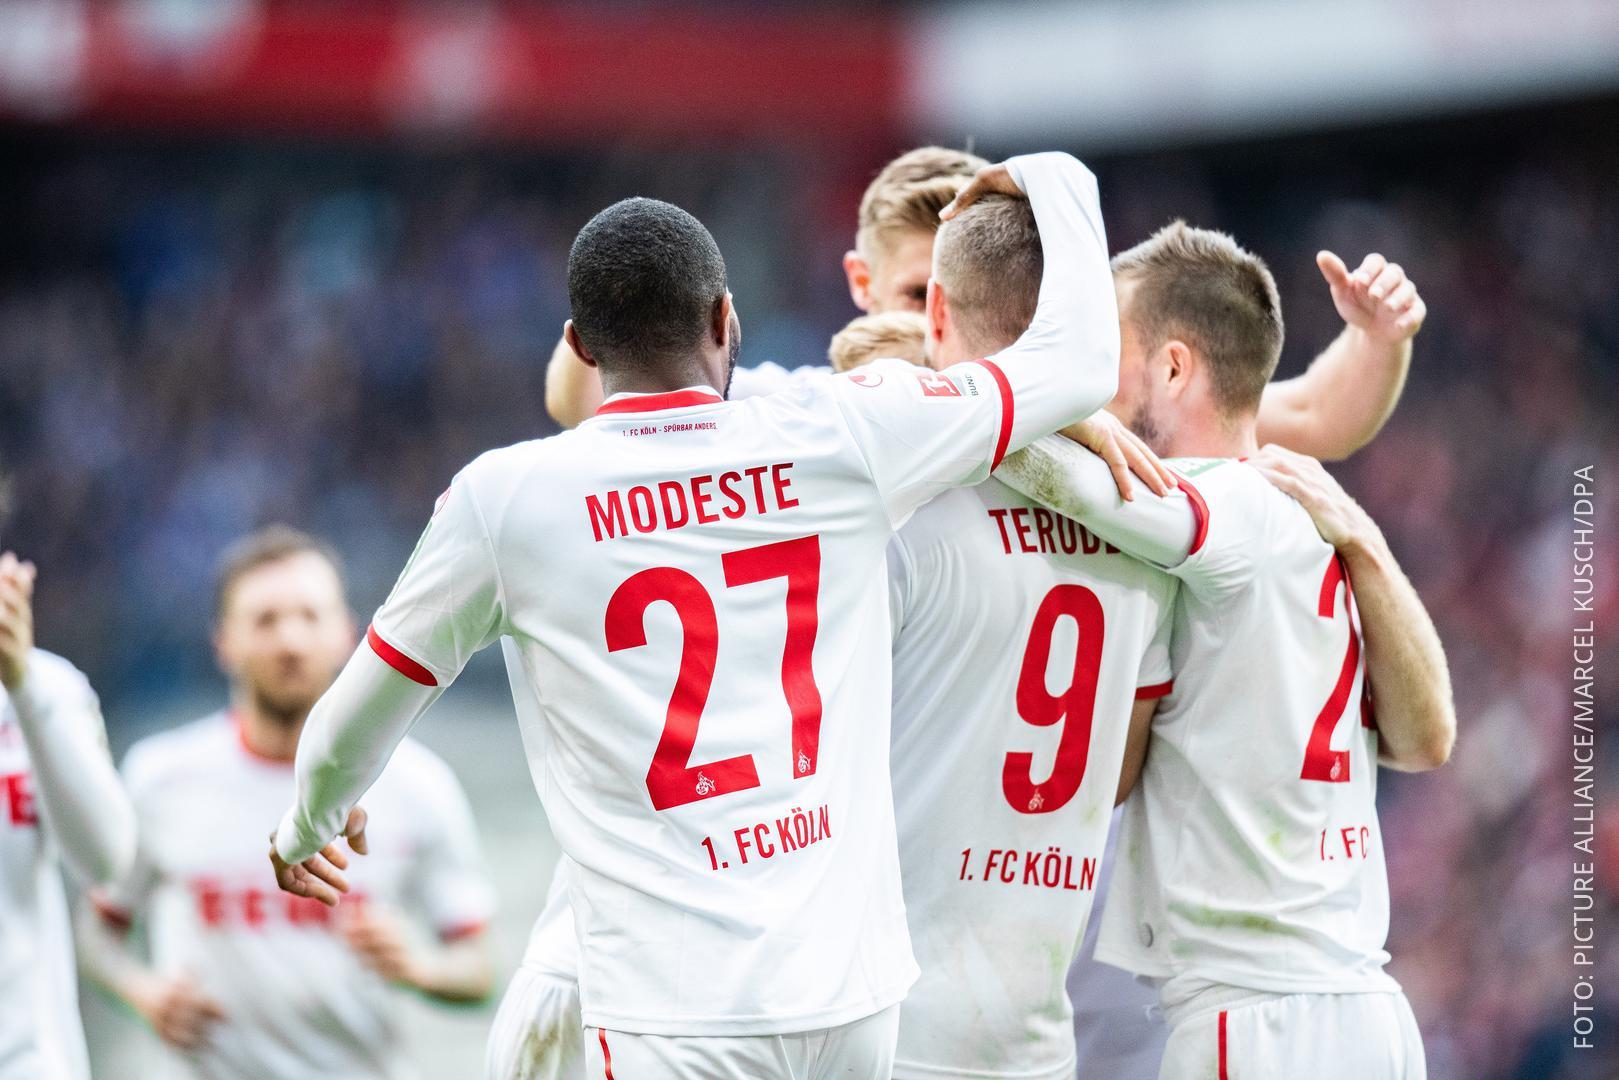 Spieler des 1. FC Köln jubeln nach einem Tor gegen Arminia Bielefeld.